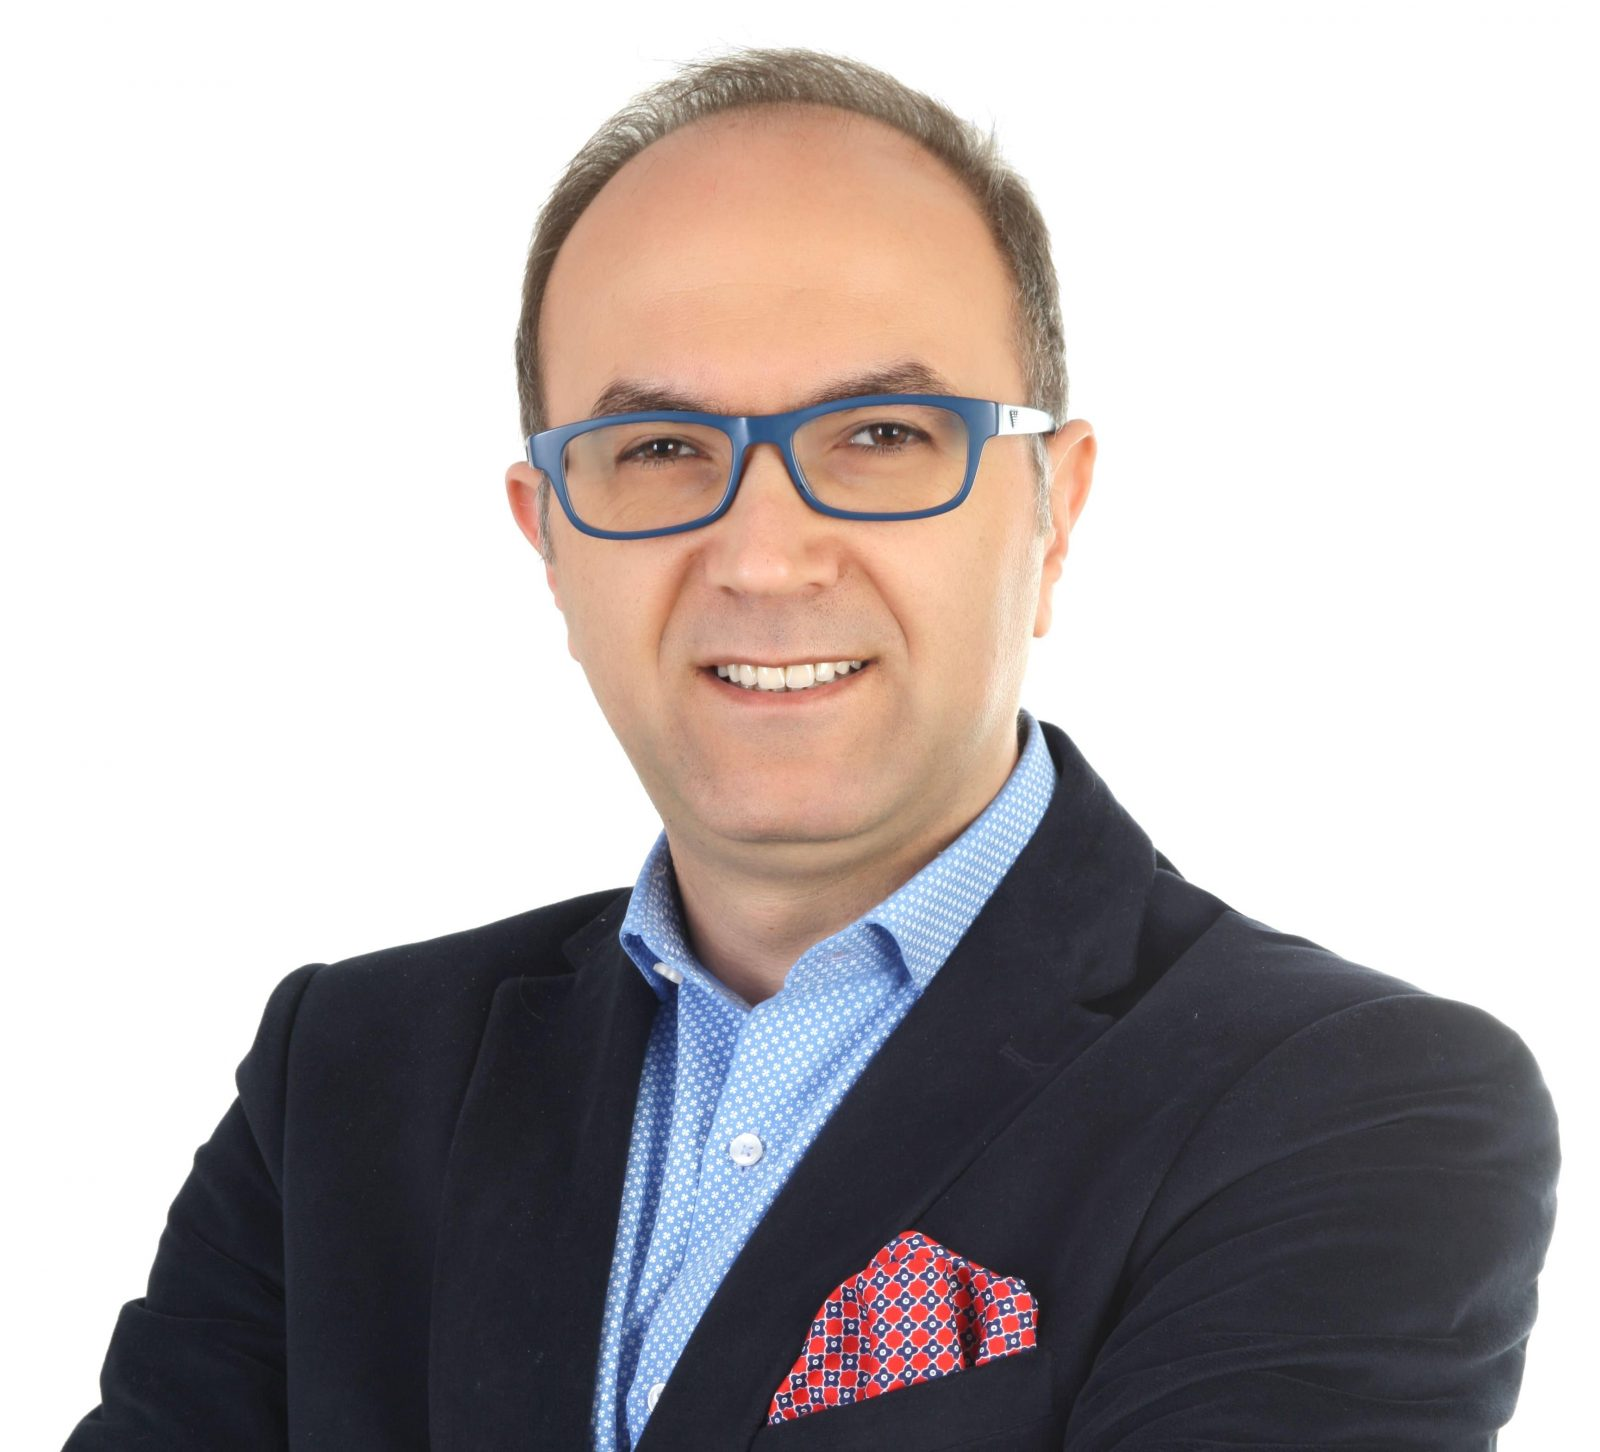 Bursa Balkan kültürüdür